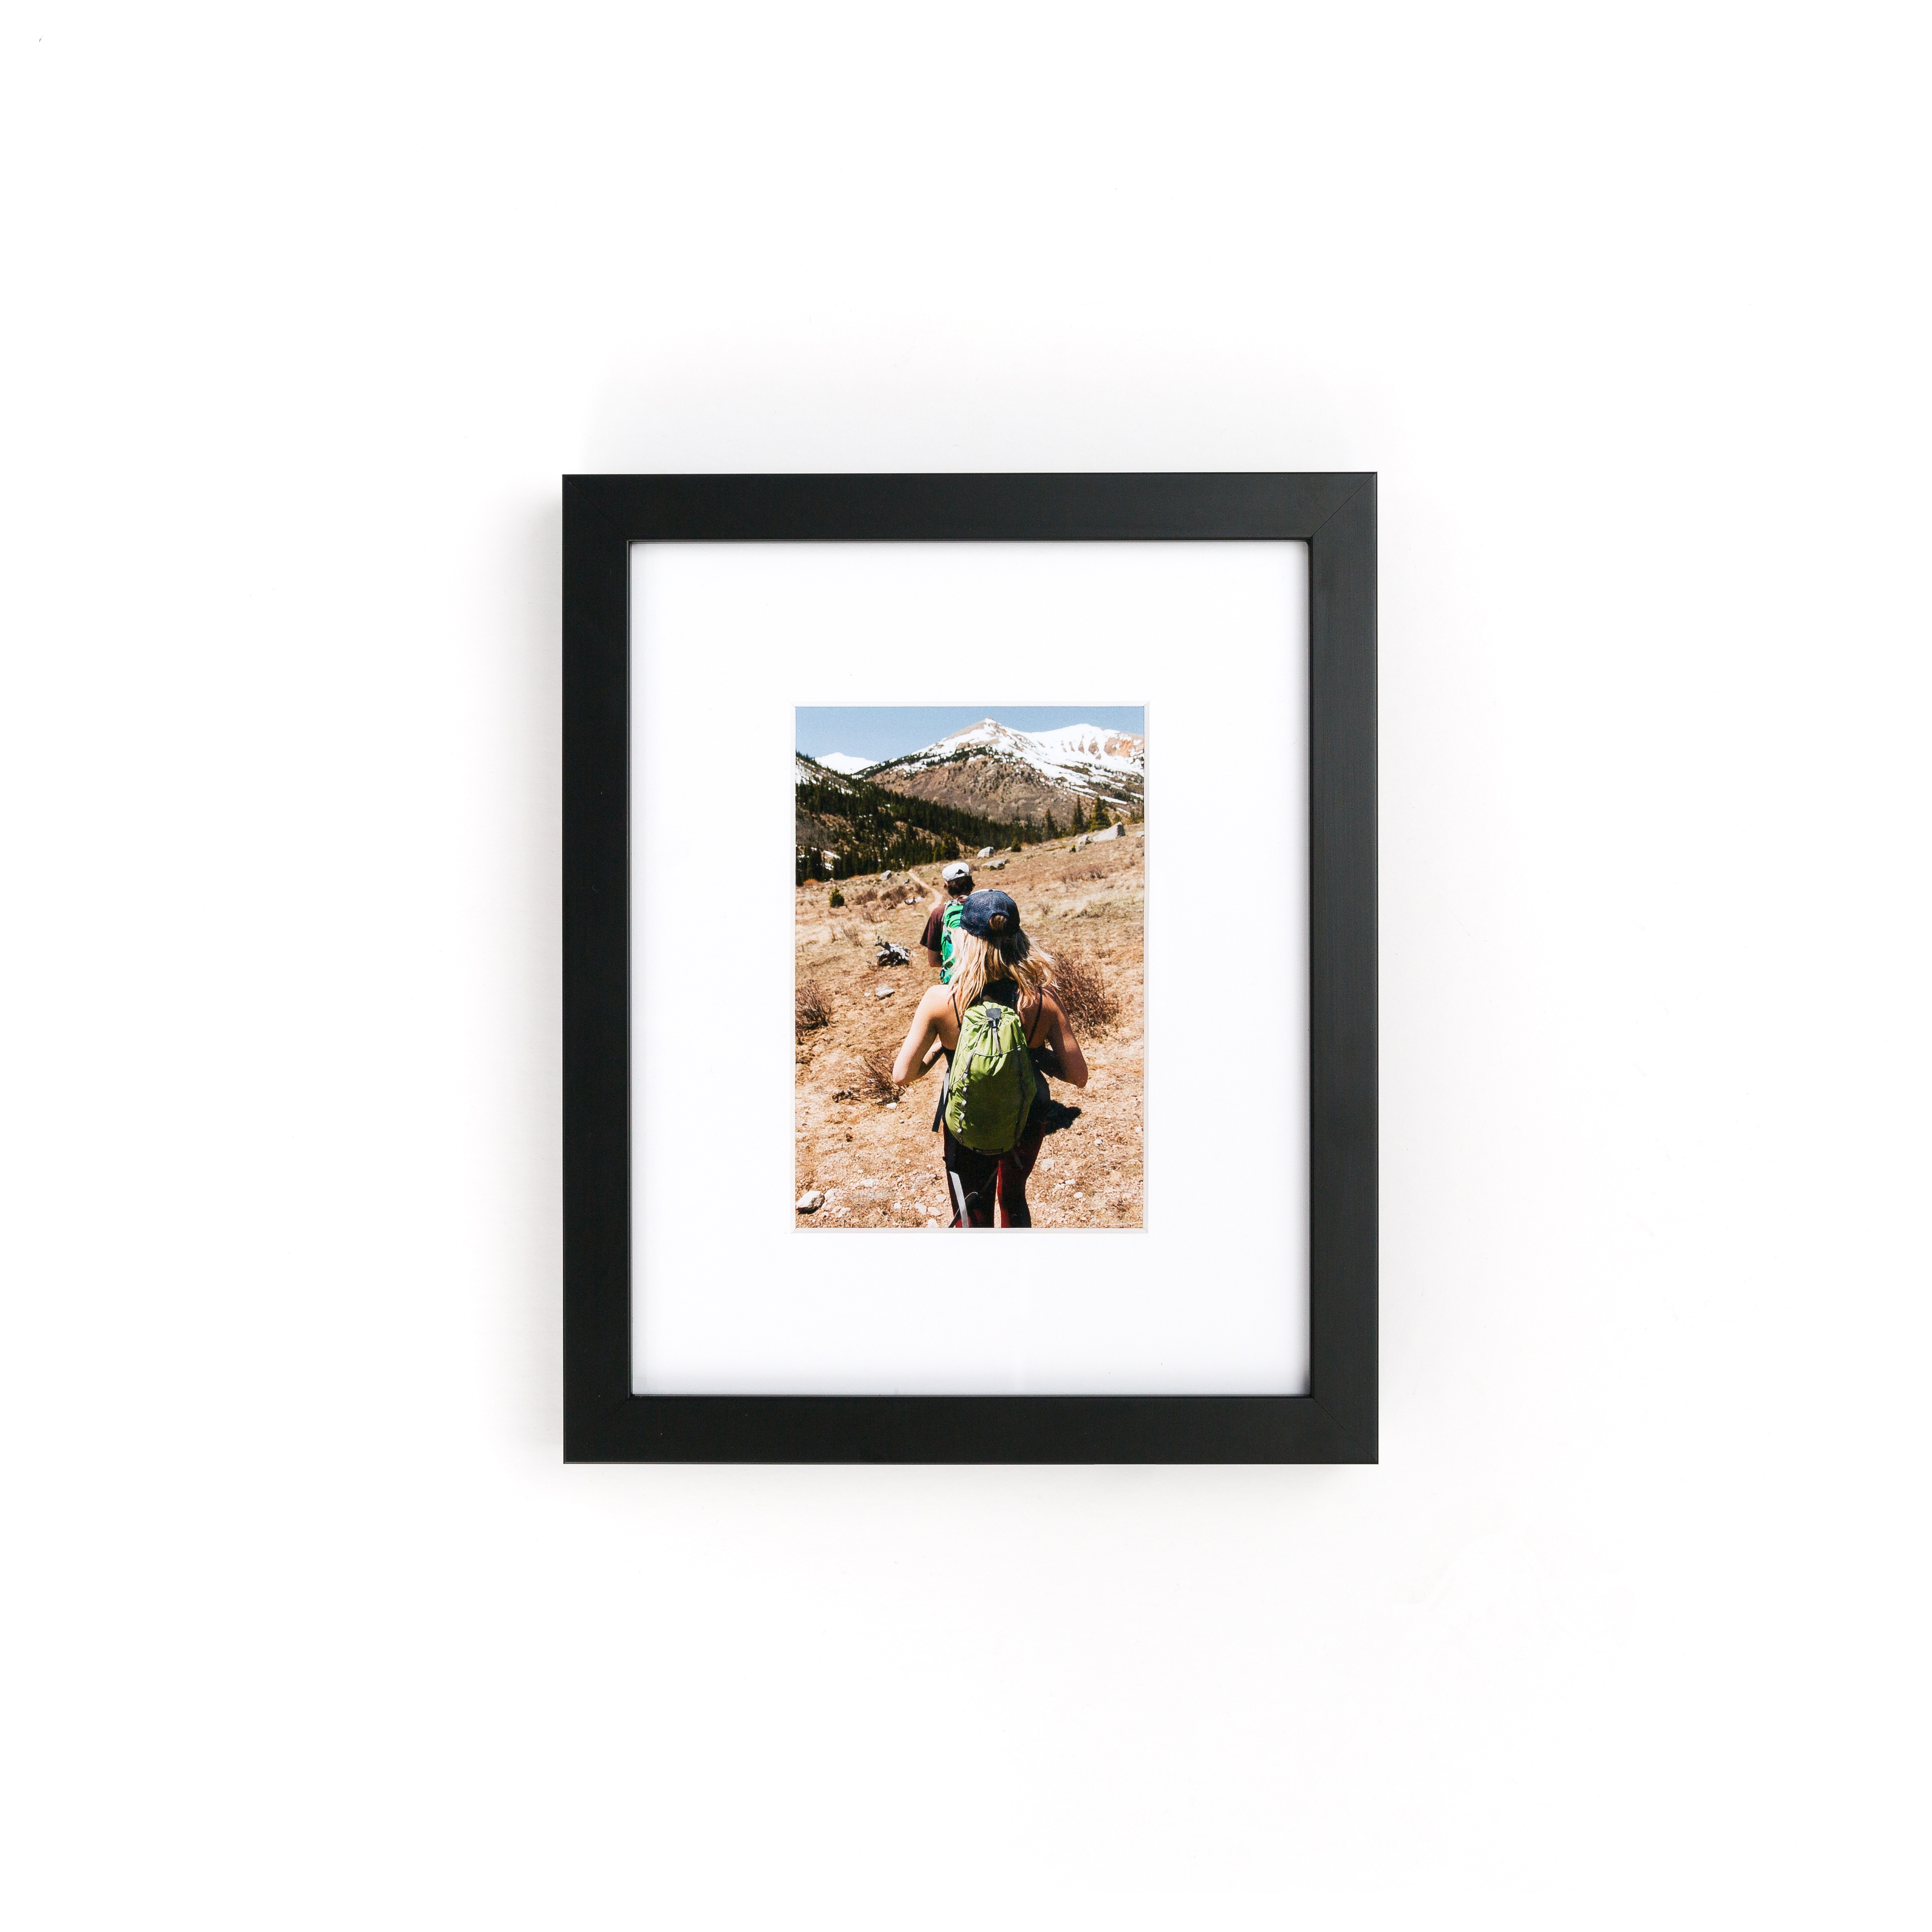 Custom Picture Frames Amp Online Art Framing Framebridge